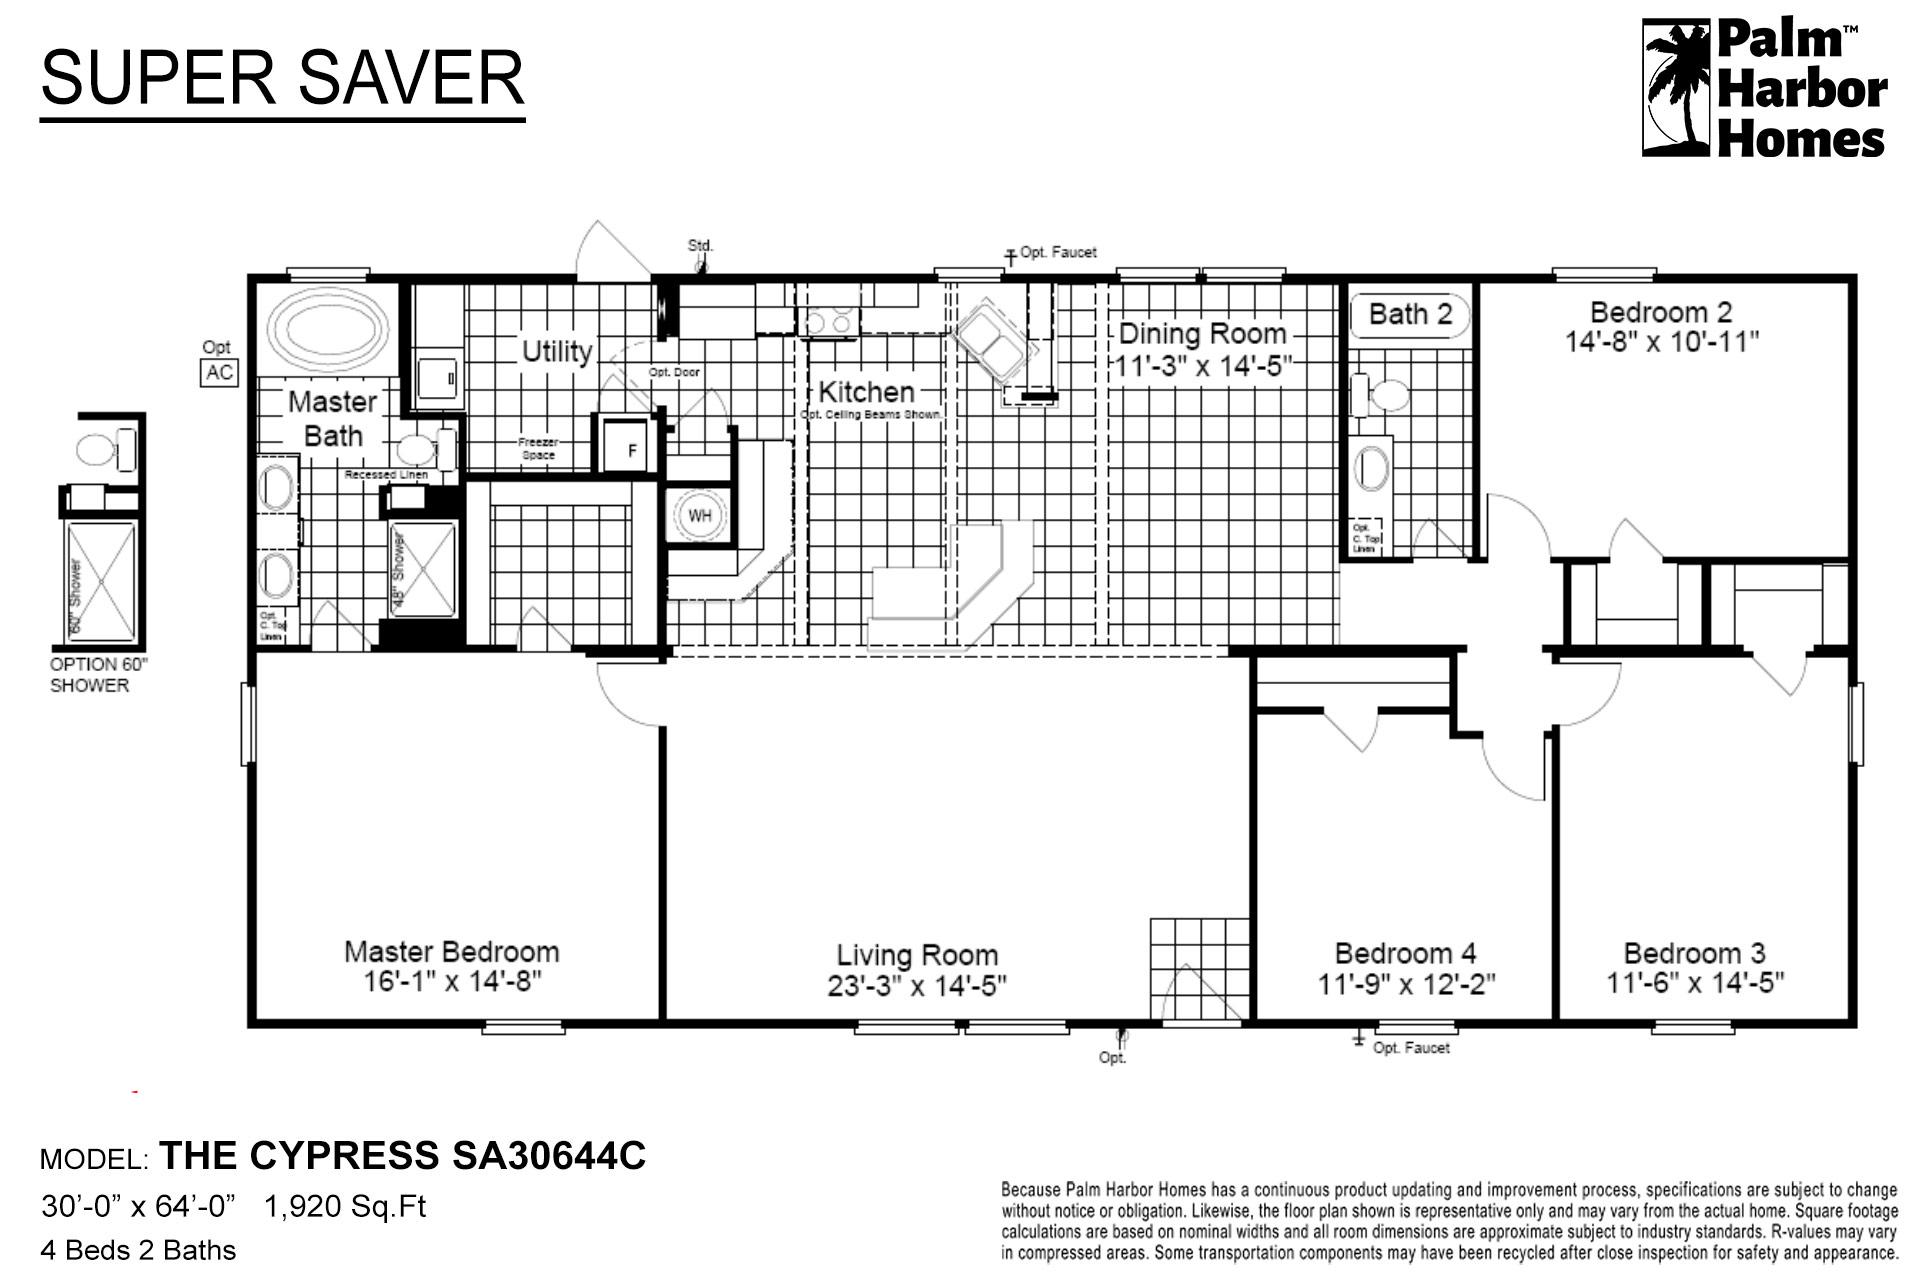 Super Saver The Cypress SA30644C Layout